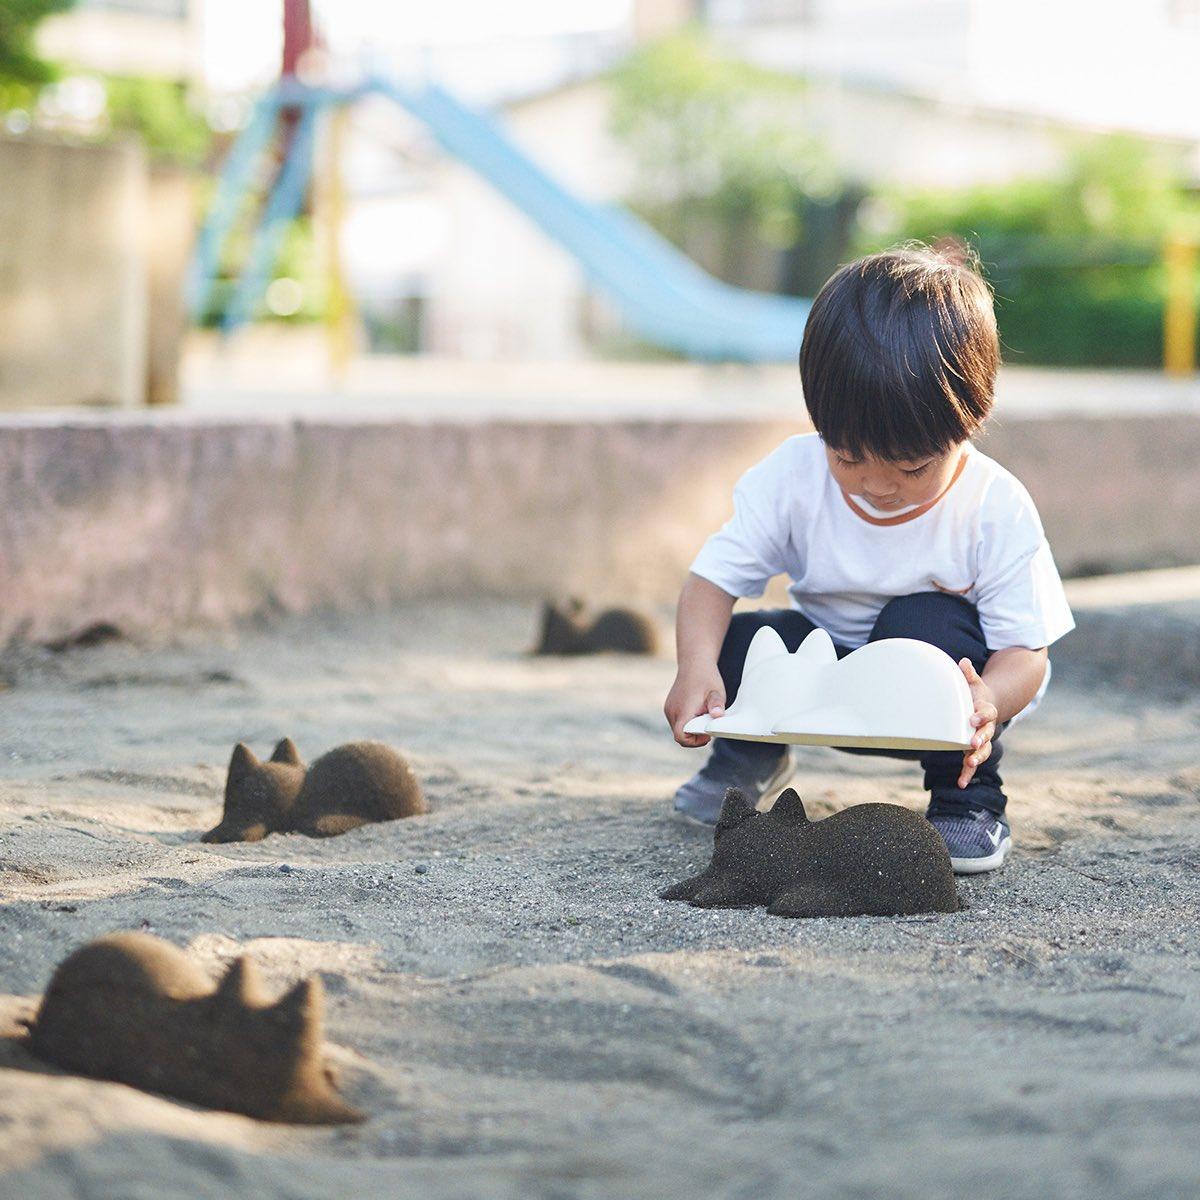 作って、見て、癒される。ネコのシルエットを砂で再現できるプロダクト「Neko Cup」#世界猫の日